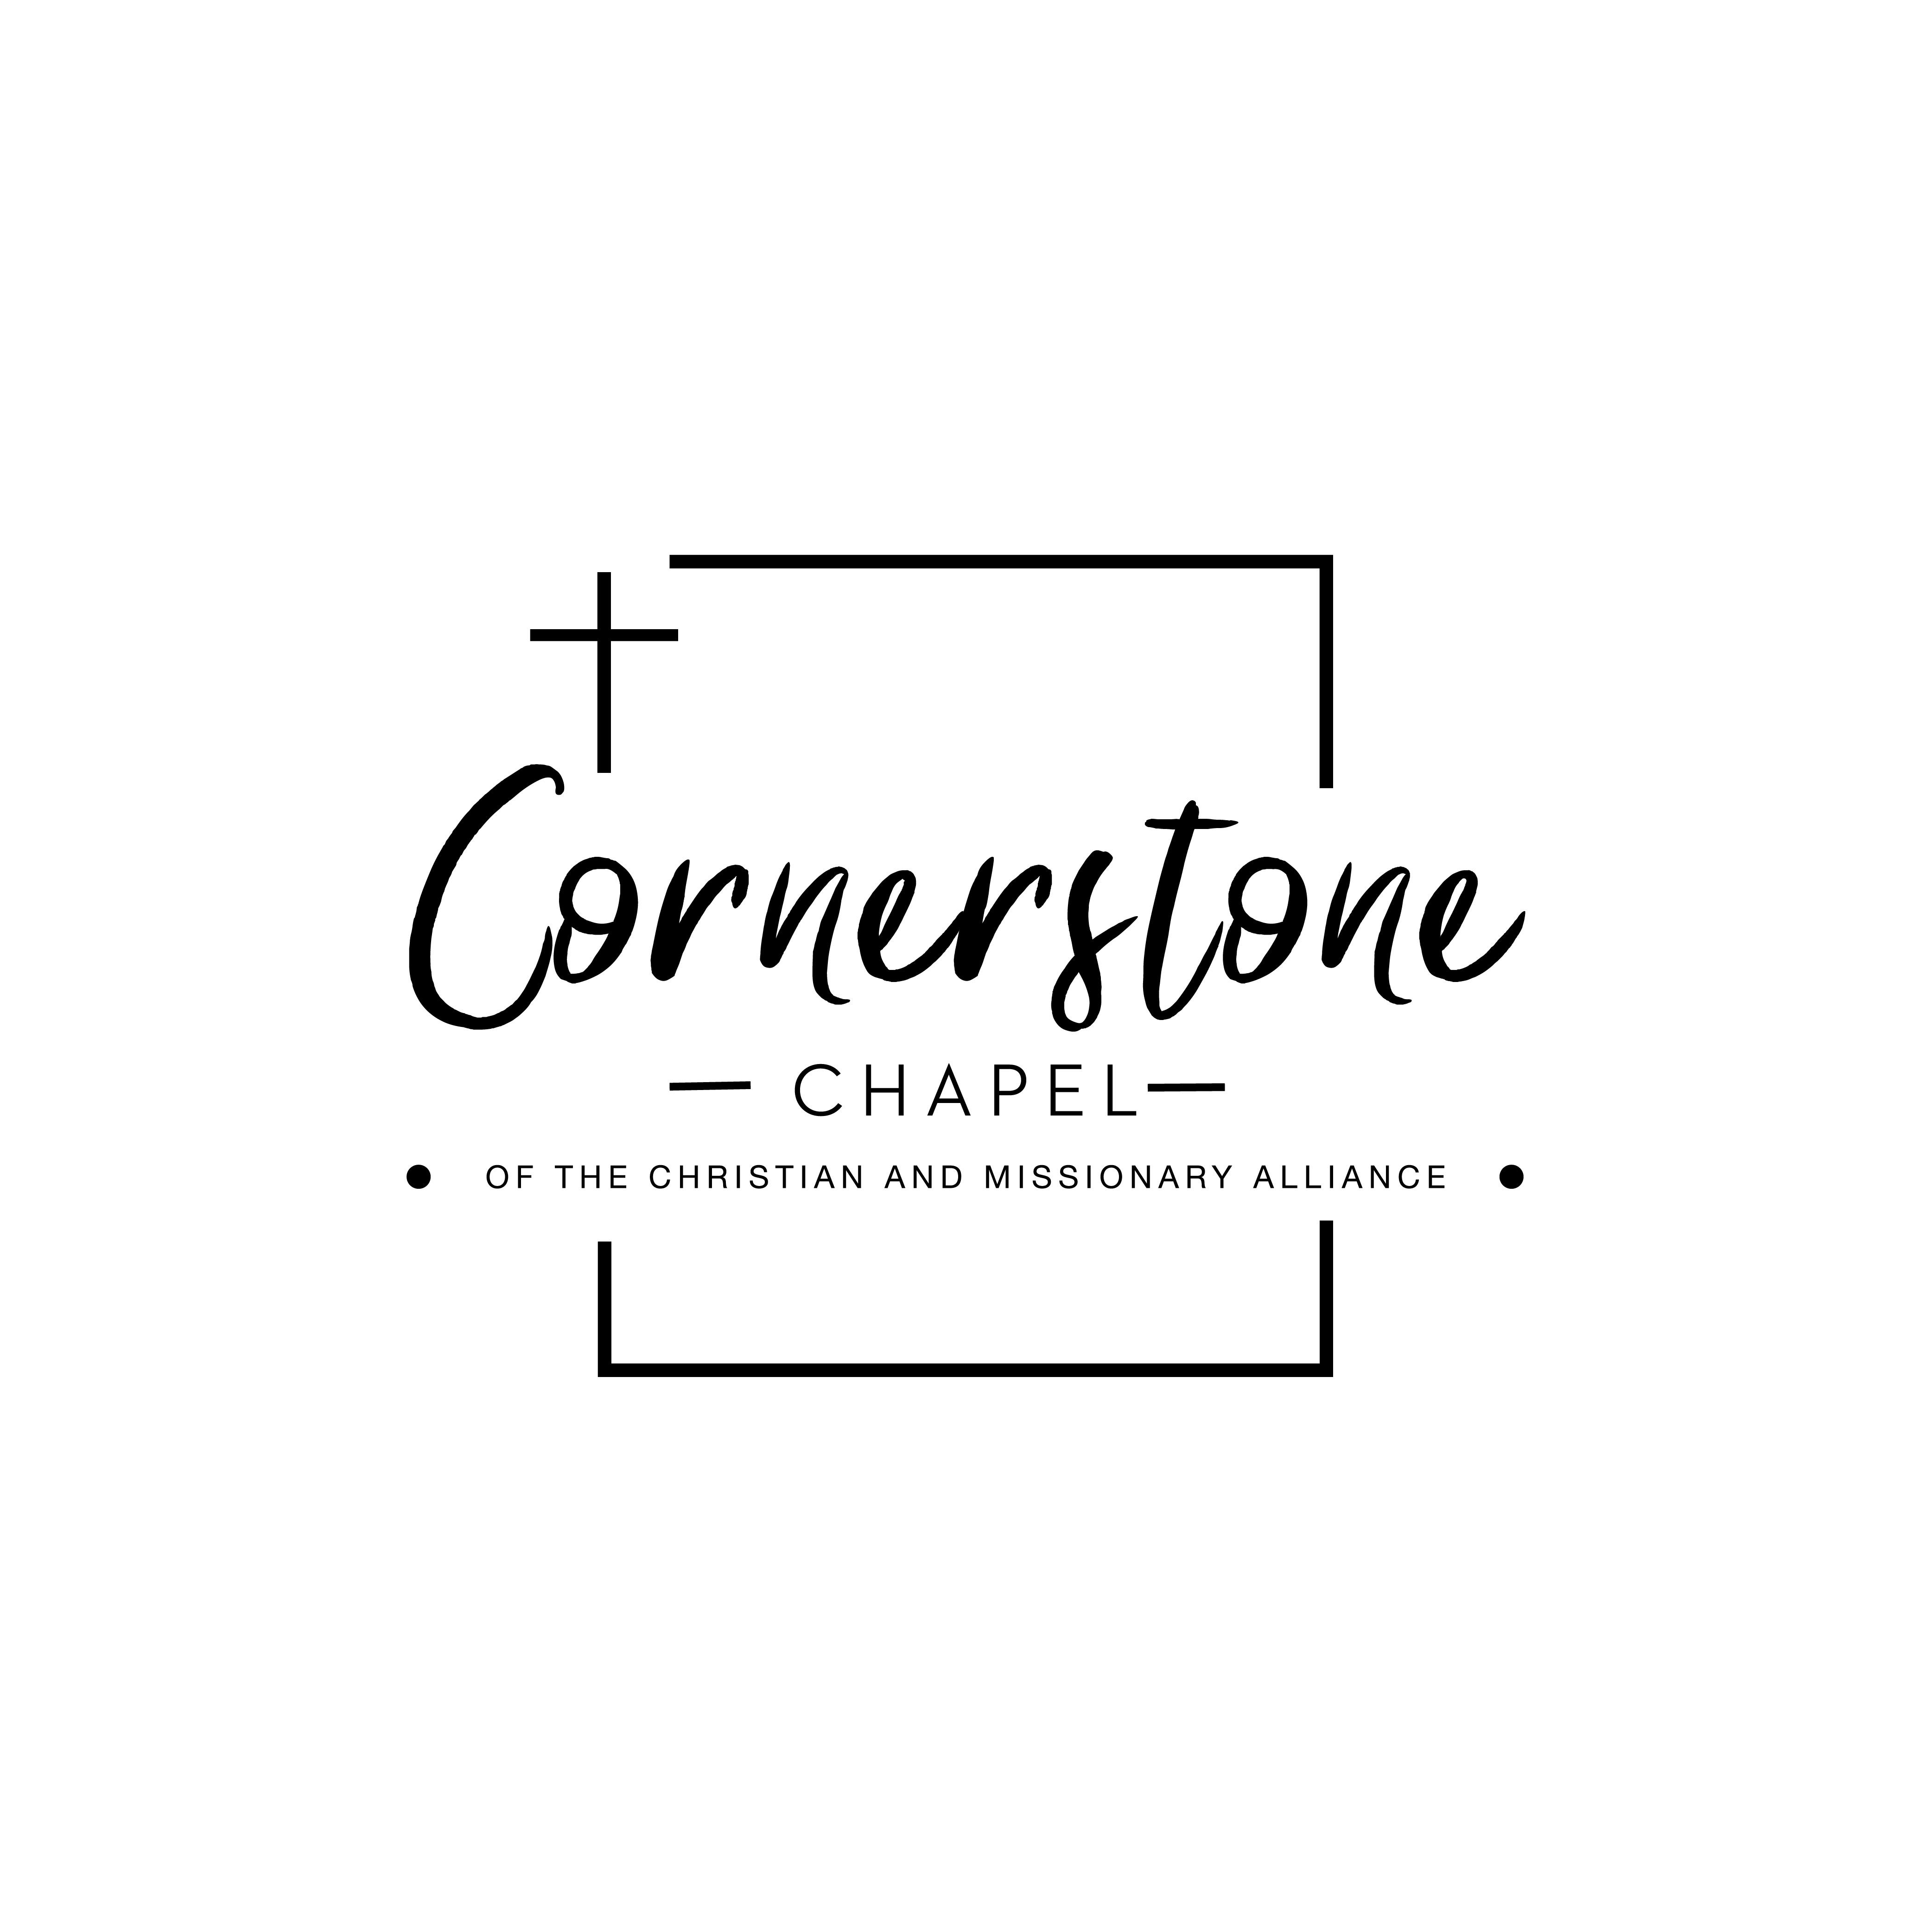 Cornerstone Chapel: Pompton Plains, NJ > When Vision Comes